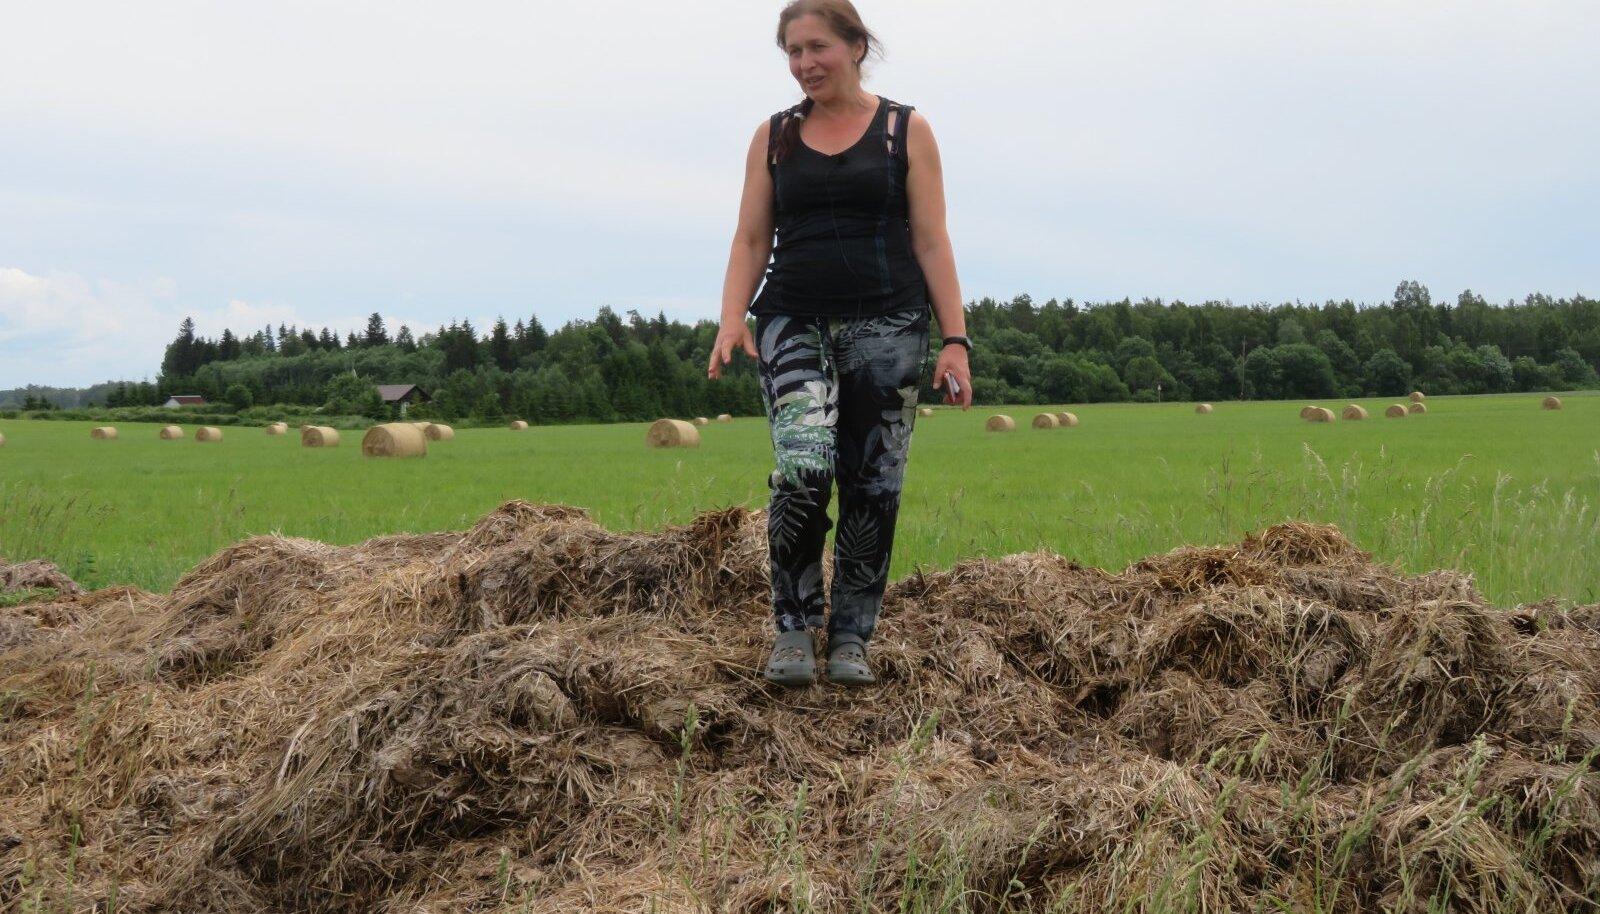 Puutsa talu perenaine Airi Külvet näitab sõnnikuauna. See ei reosta loodust, kui see pole üle 1,7 meetri kõrge ning on tehtud reegleid silmas pidades.